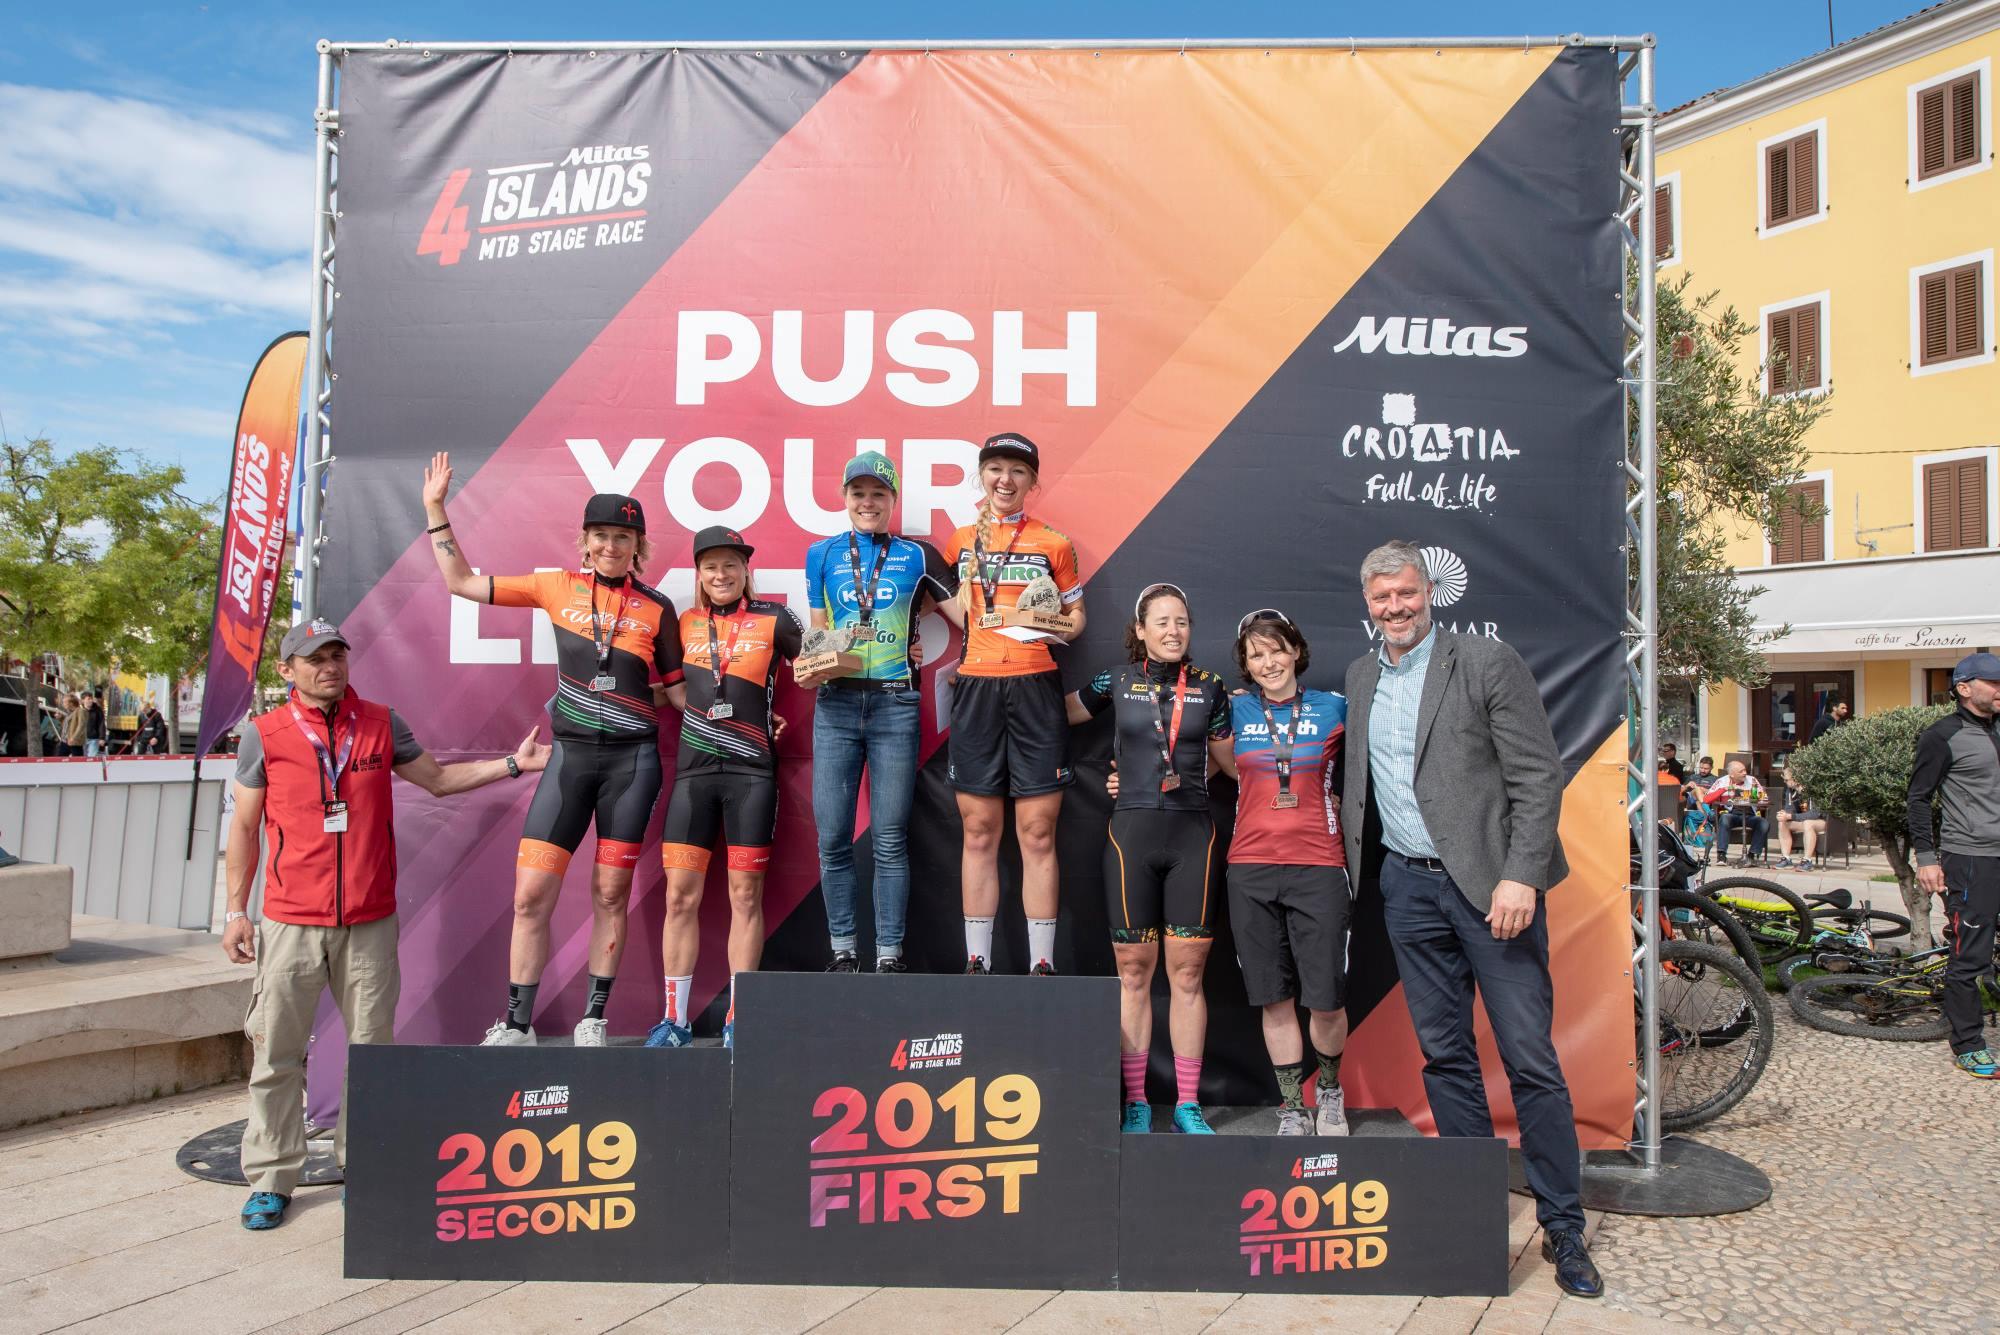 Brouwer-Trommer pakken eindwinst in 4Island MTB stage race